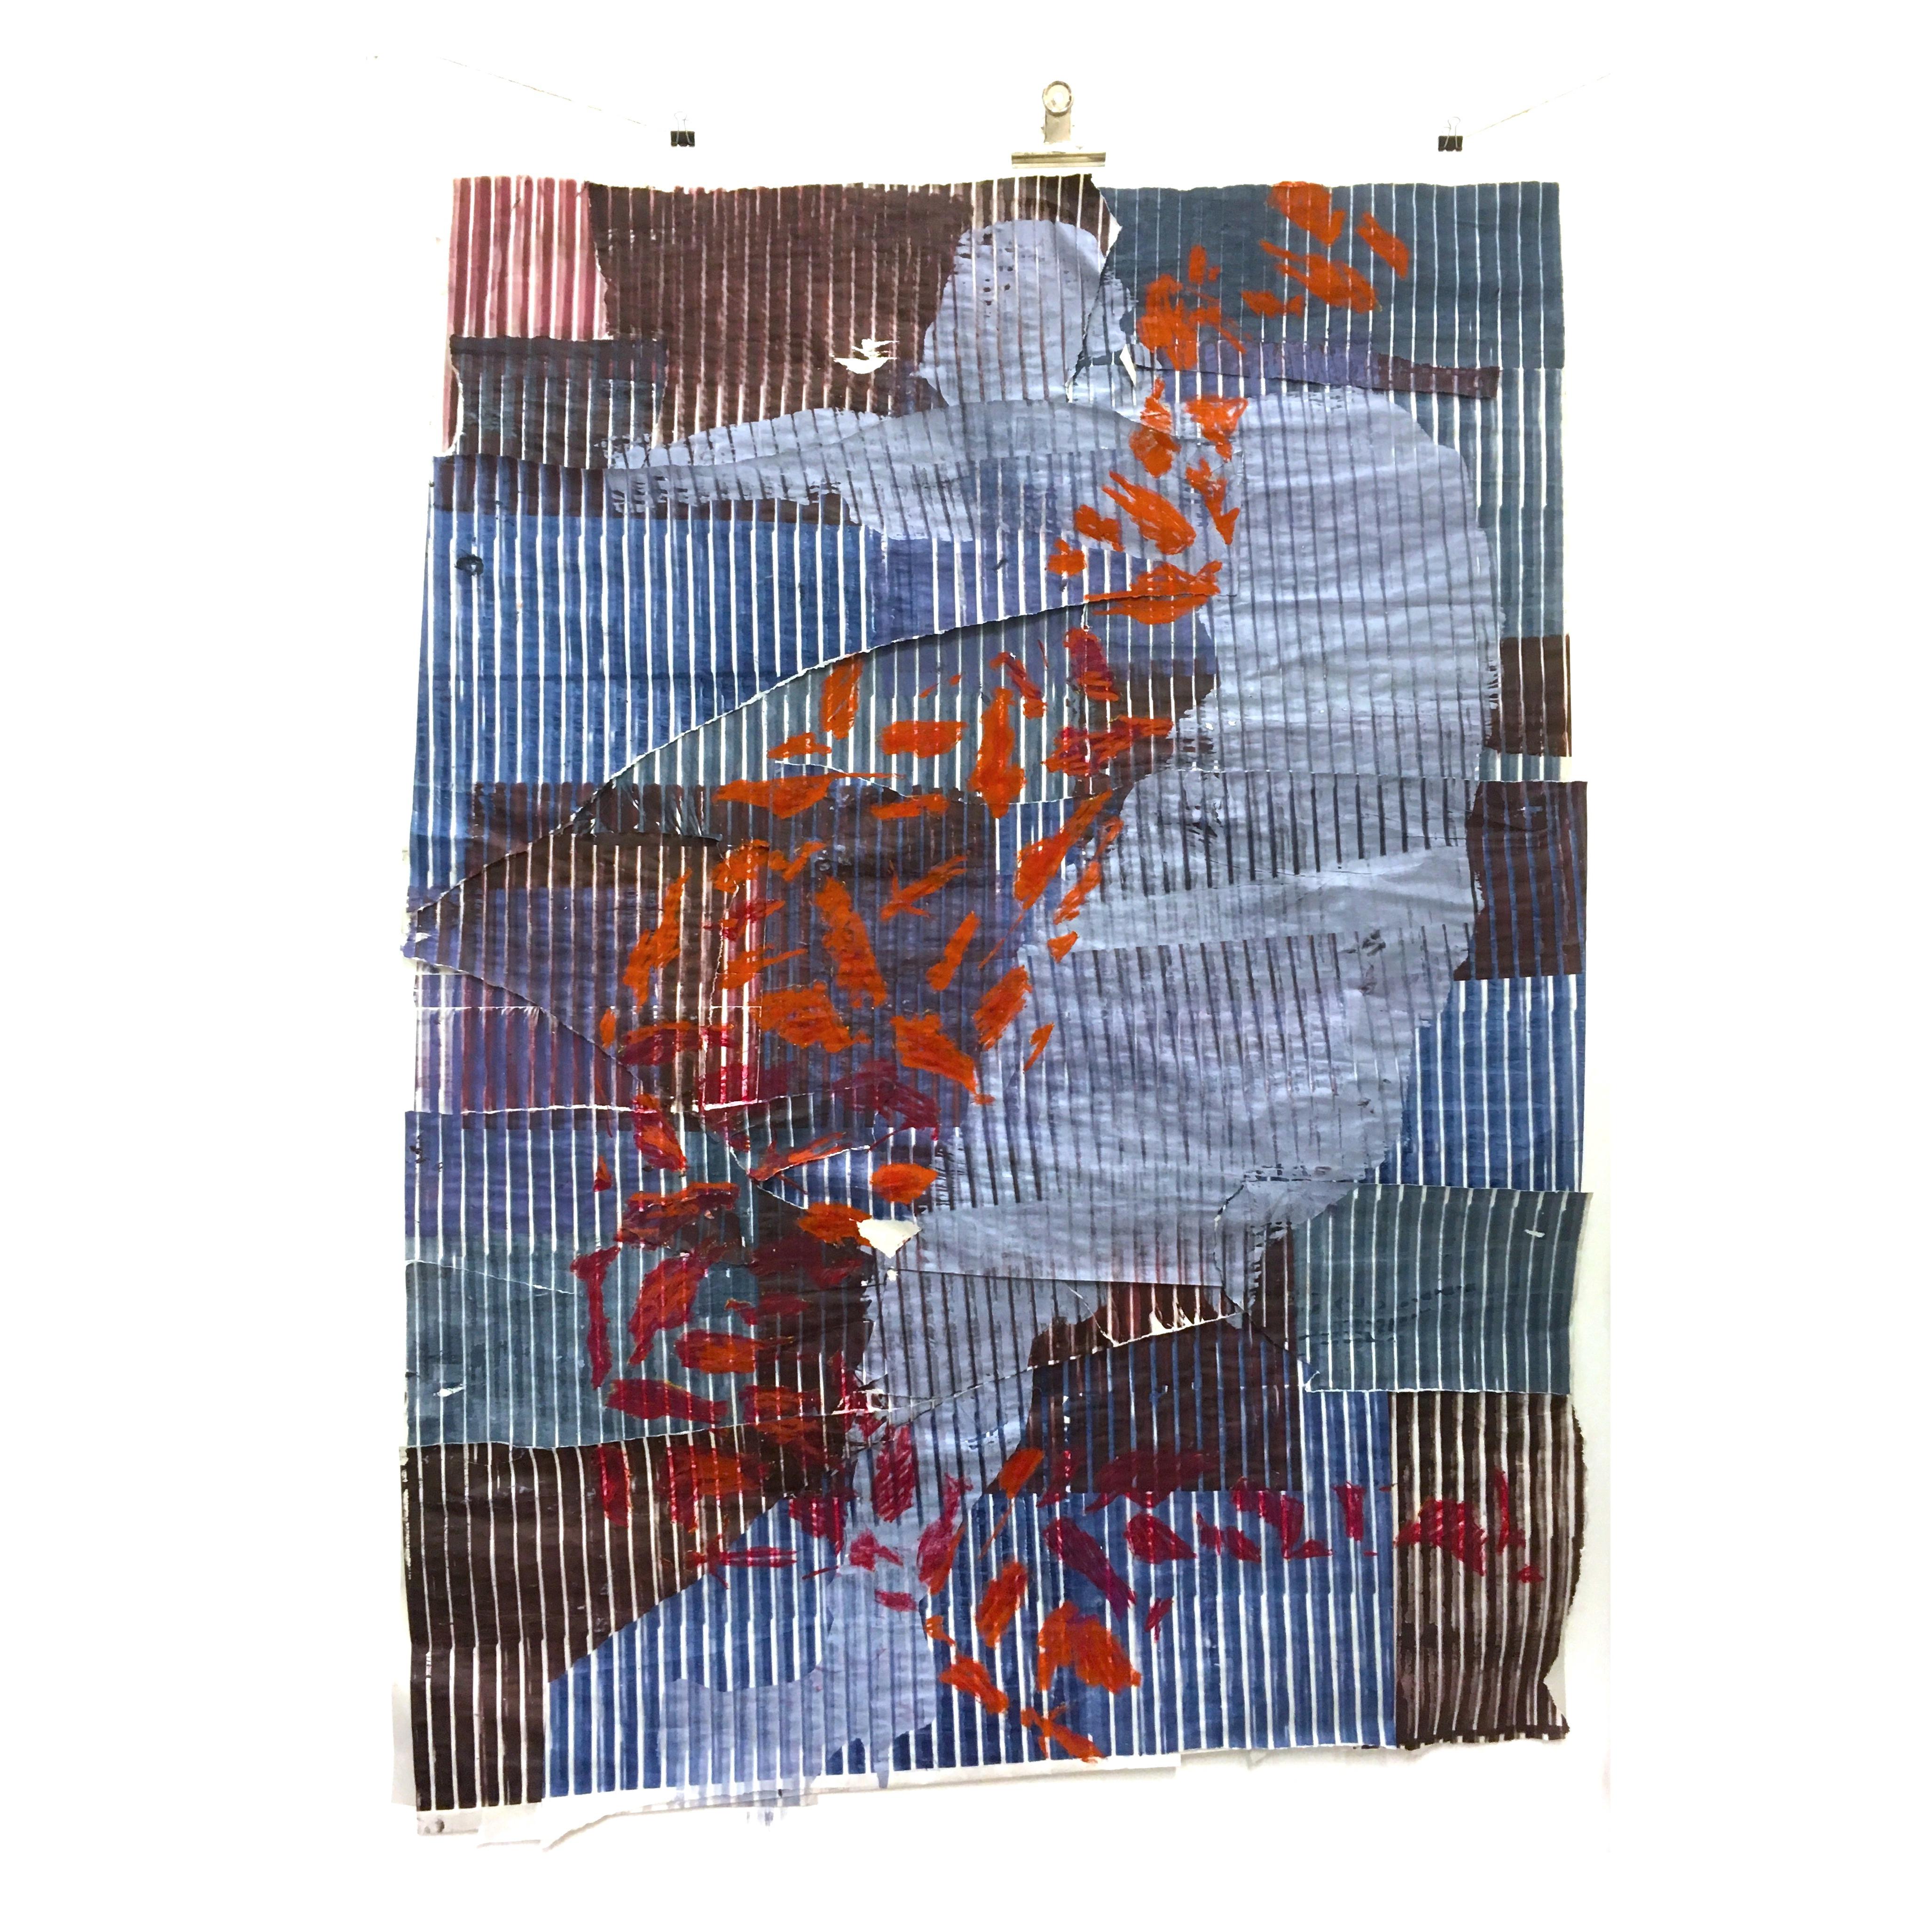 Silk-screen print on Newsprint